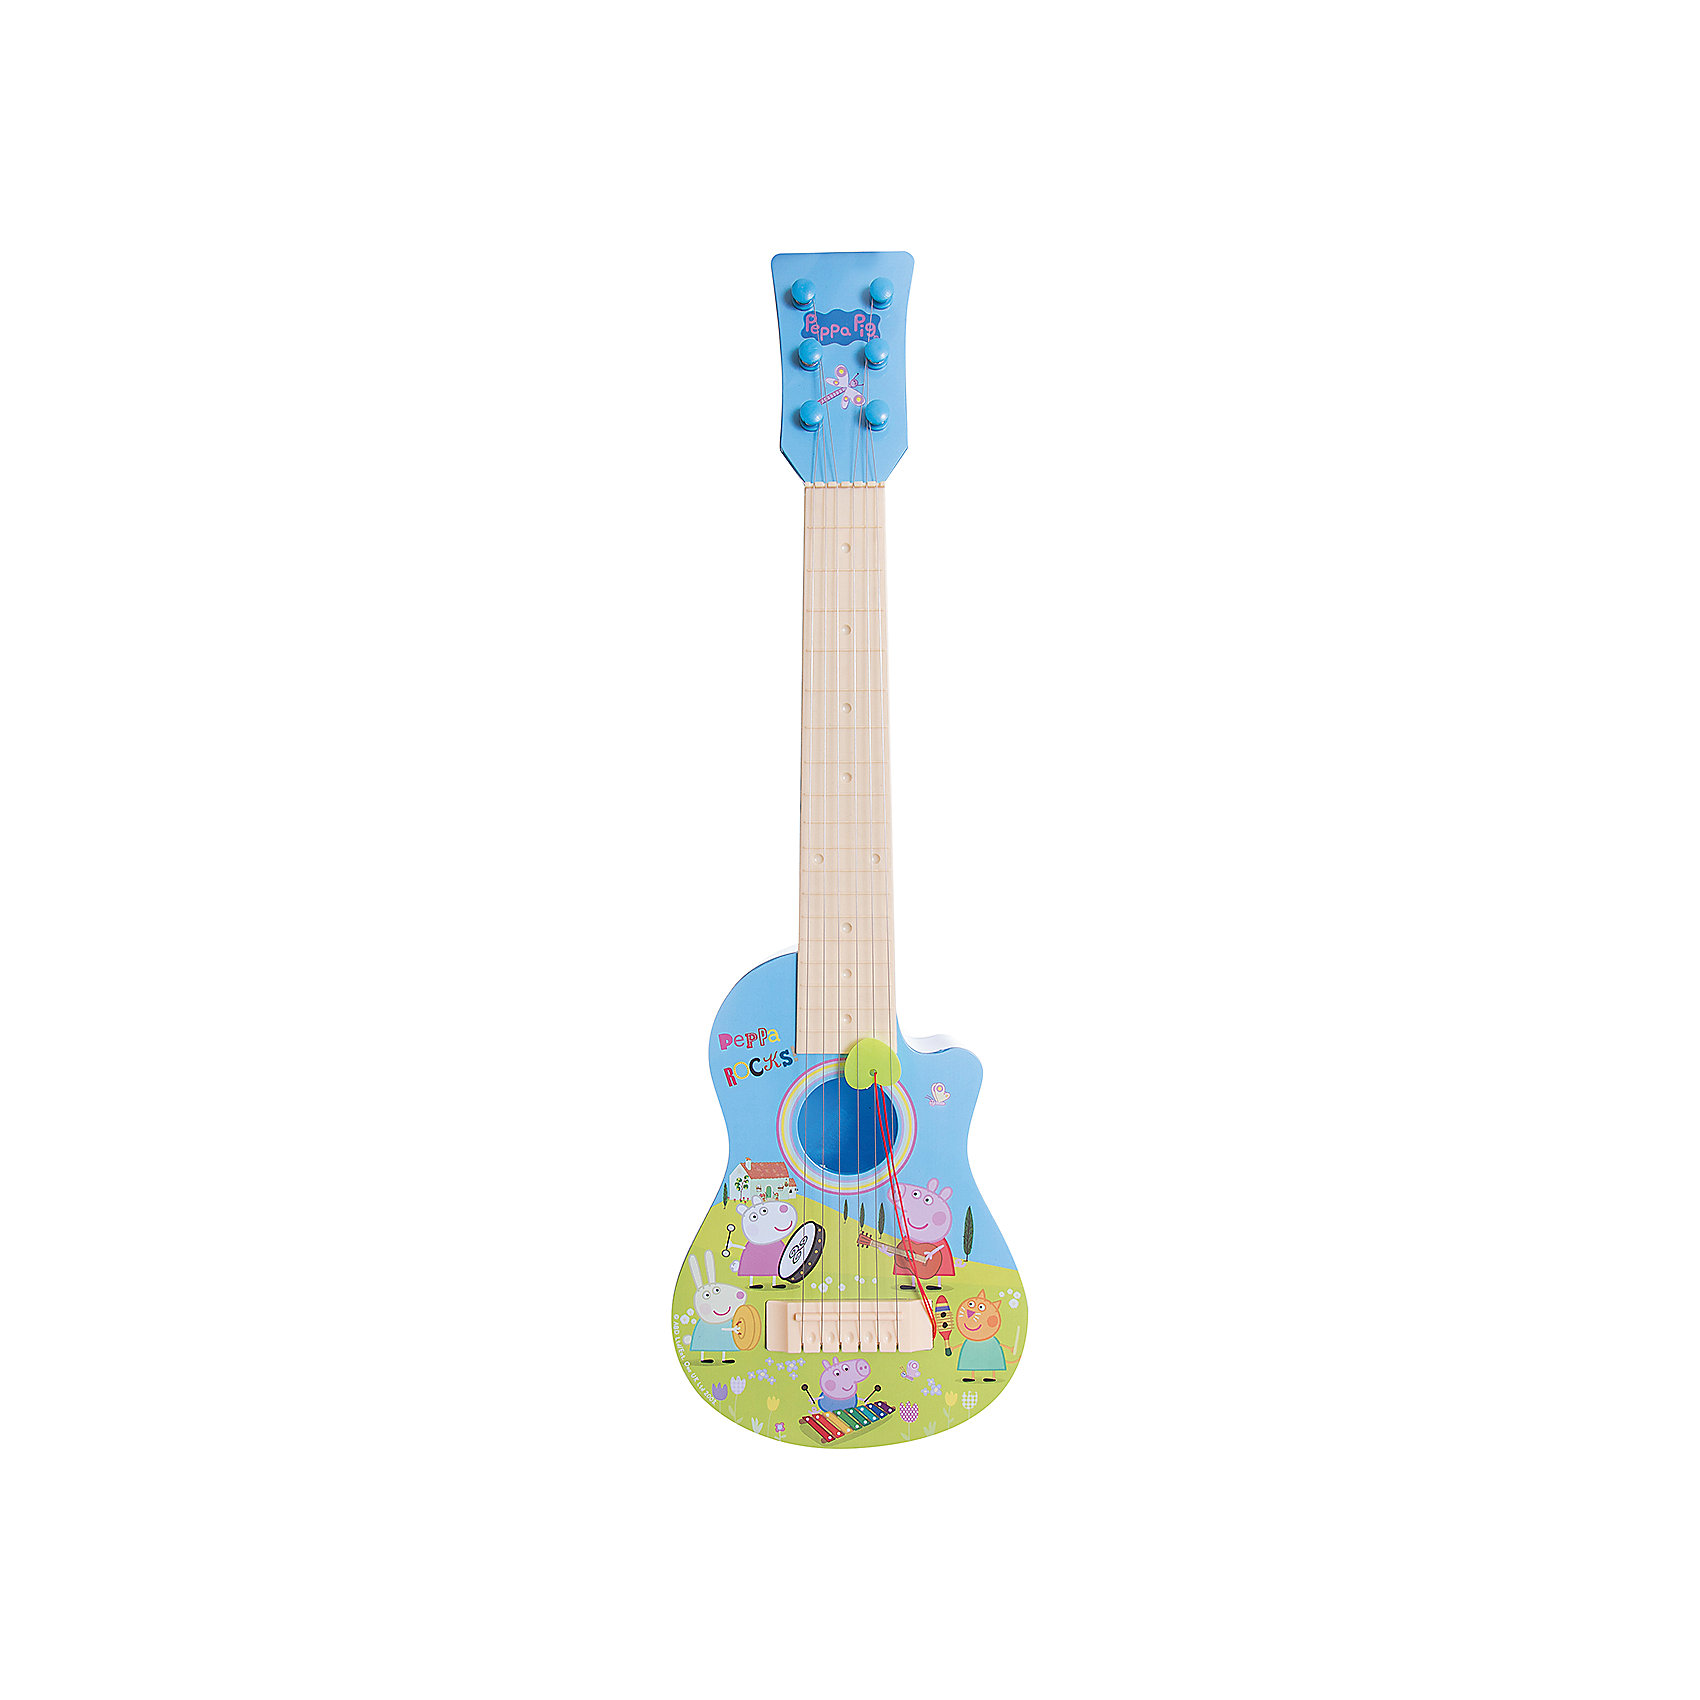 Гитара Пеппы, пластиковая, Свинка ПеппаМногие дети обожают играть на музыкальных инструментах. Сделать это занятие веселее поможет гитары Свинки Пеппы. Яркая гитара с её изображением имеет шесть струн с отличным звучанием и натяжением. В набор также входит медиатор. Она так похожа на настоящую!<br>Гитара обязательно порадует ребенка! Игра на ней помогает детям развивать музыкальный слух. Гитара сделана из качественных и безопасных для ребенка материалов.<br><br>Дополнительная информация:<br><br>цвет: разноцветный;<br>размер упаковки: 56 х 21 х 6,5 см;<br>вес: 430 г;<br>материал: пластик.<br><br>Гитару Пеппы, пластиковую, можно купить в нашем магазине.<br><br>Ширина мм: 560<br>Глубина мм: 205<br>Высота мм: 65<br>Вес г: 430<br>Возраст от месяцев: 36<br>Возраст до месяцев: 2147483647<br>Пол: Унисекс<br>Возраст: Детский<br>SKU: 4924161